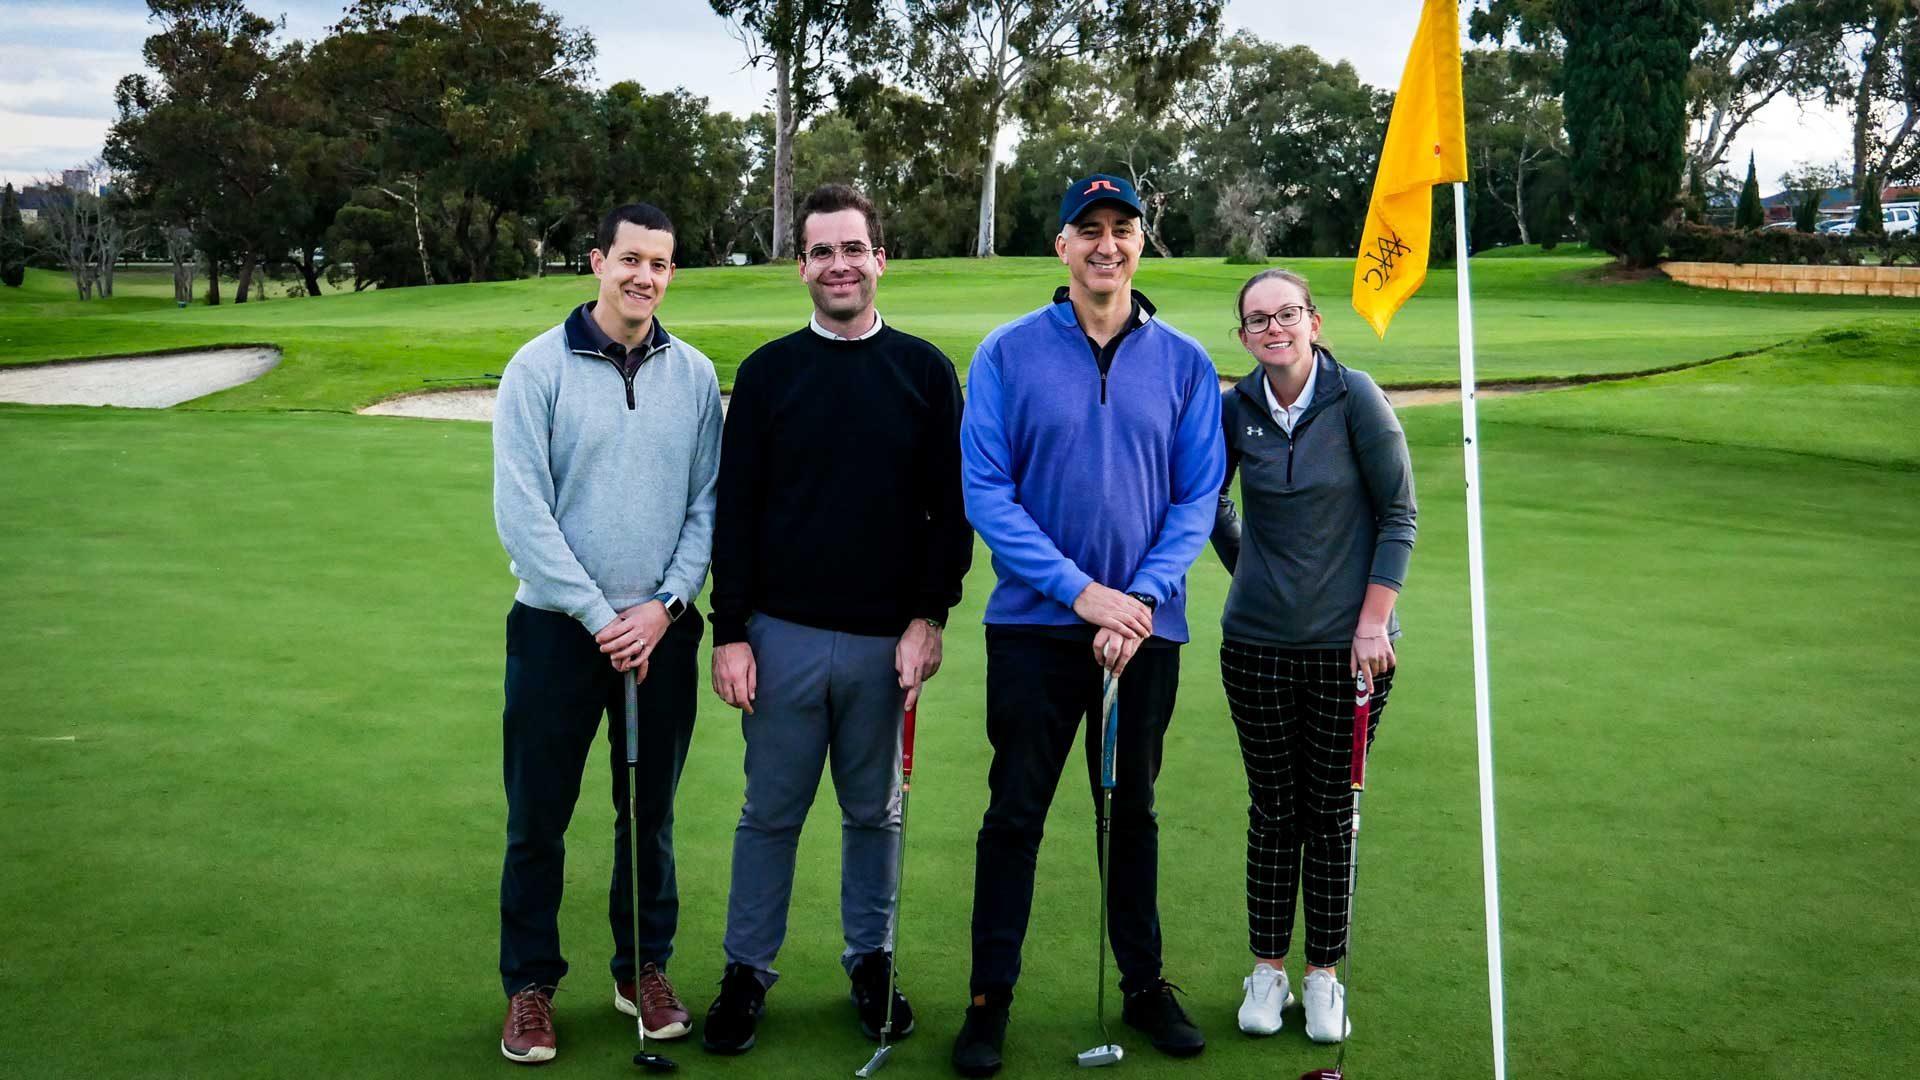 MiClub Golf Group at WAGC